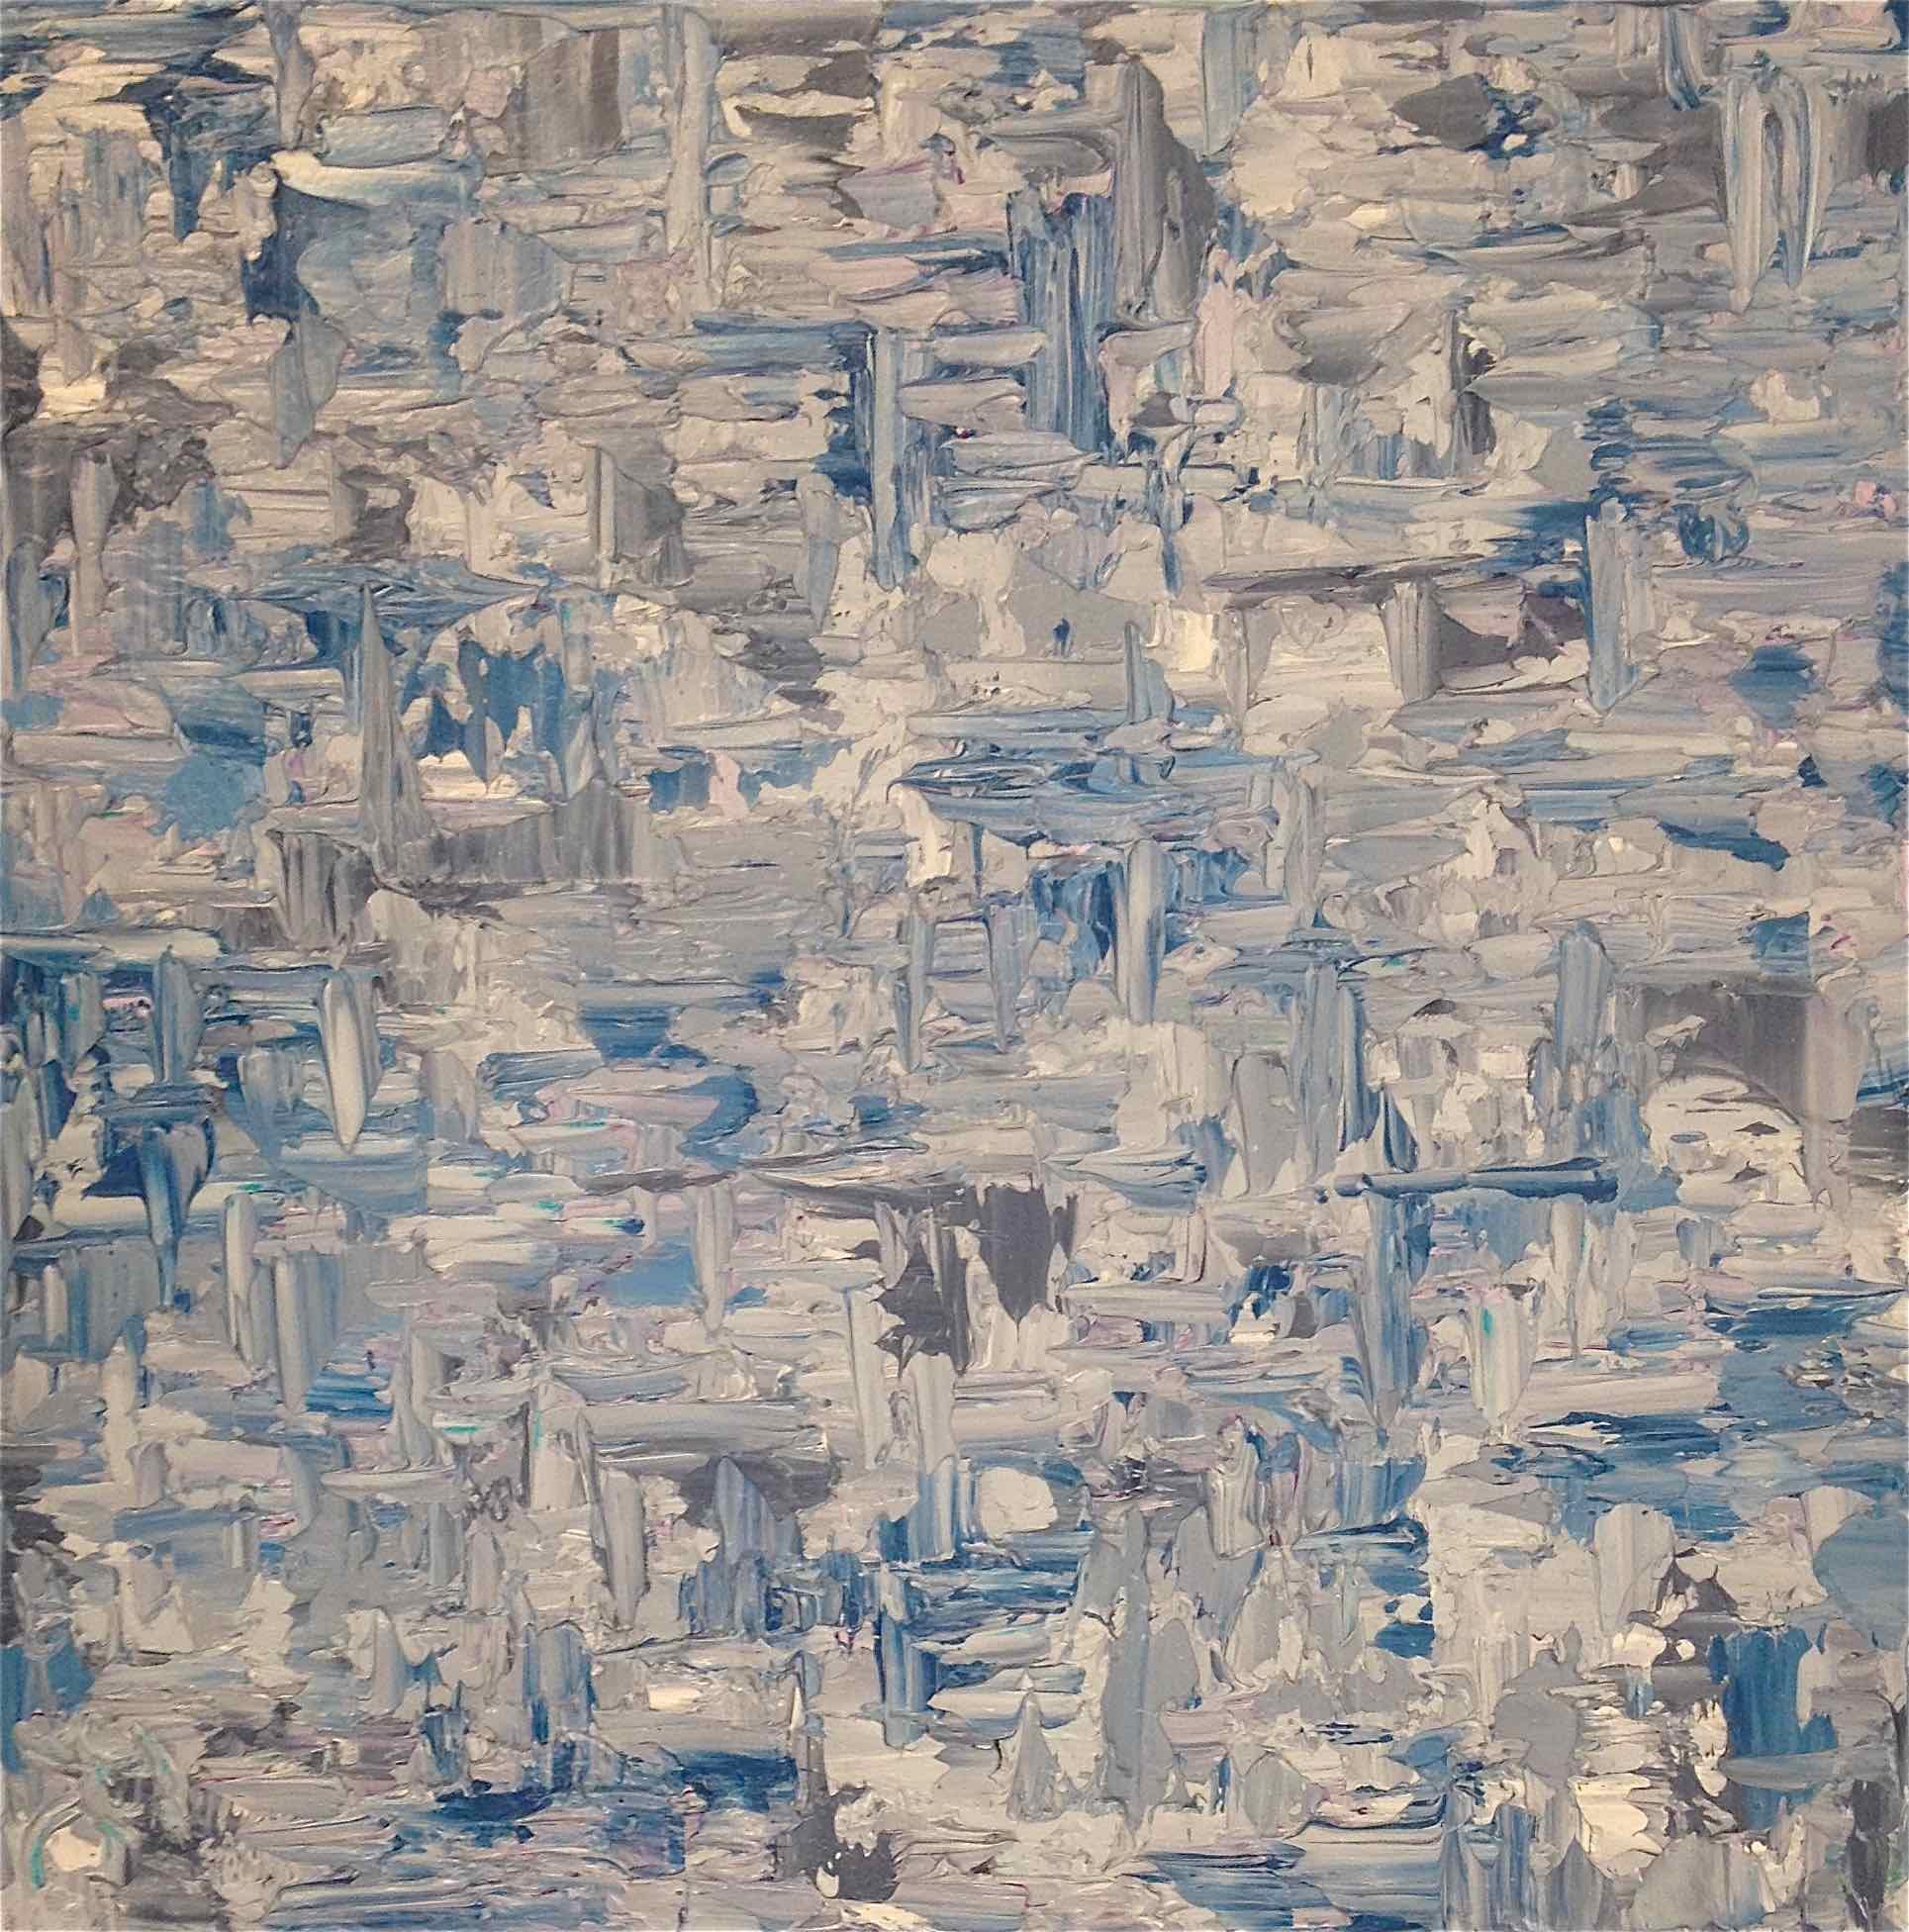 Blue Ice, 2010